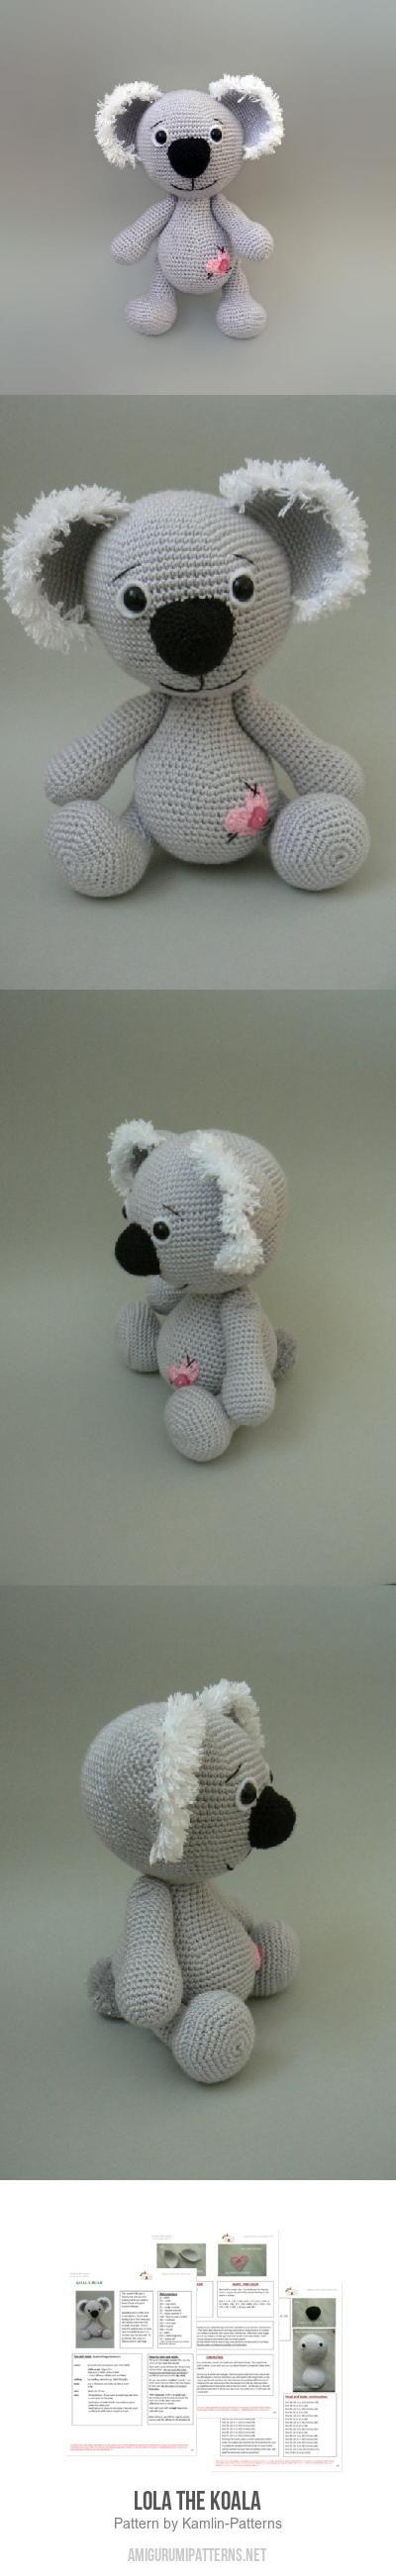 Lola the Koala amigurumi pattern